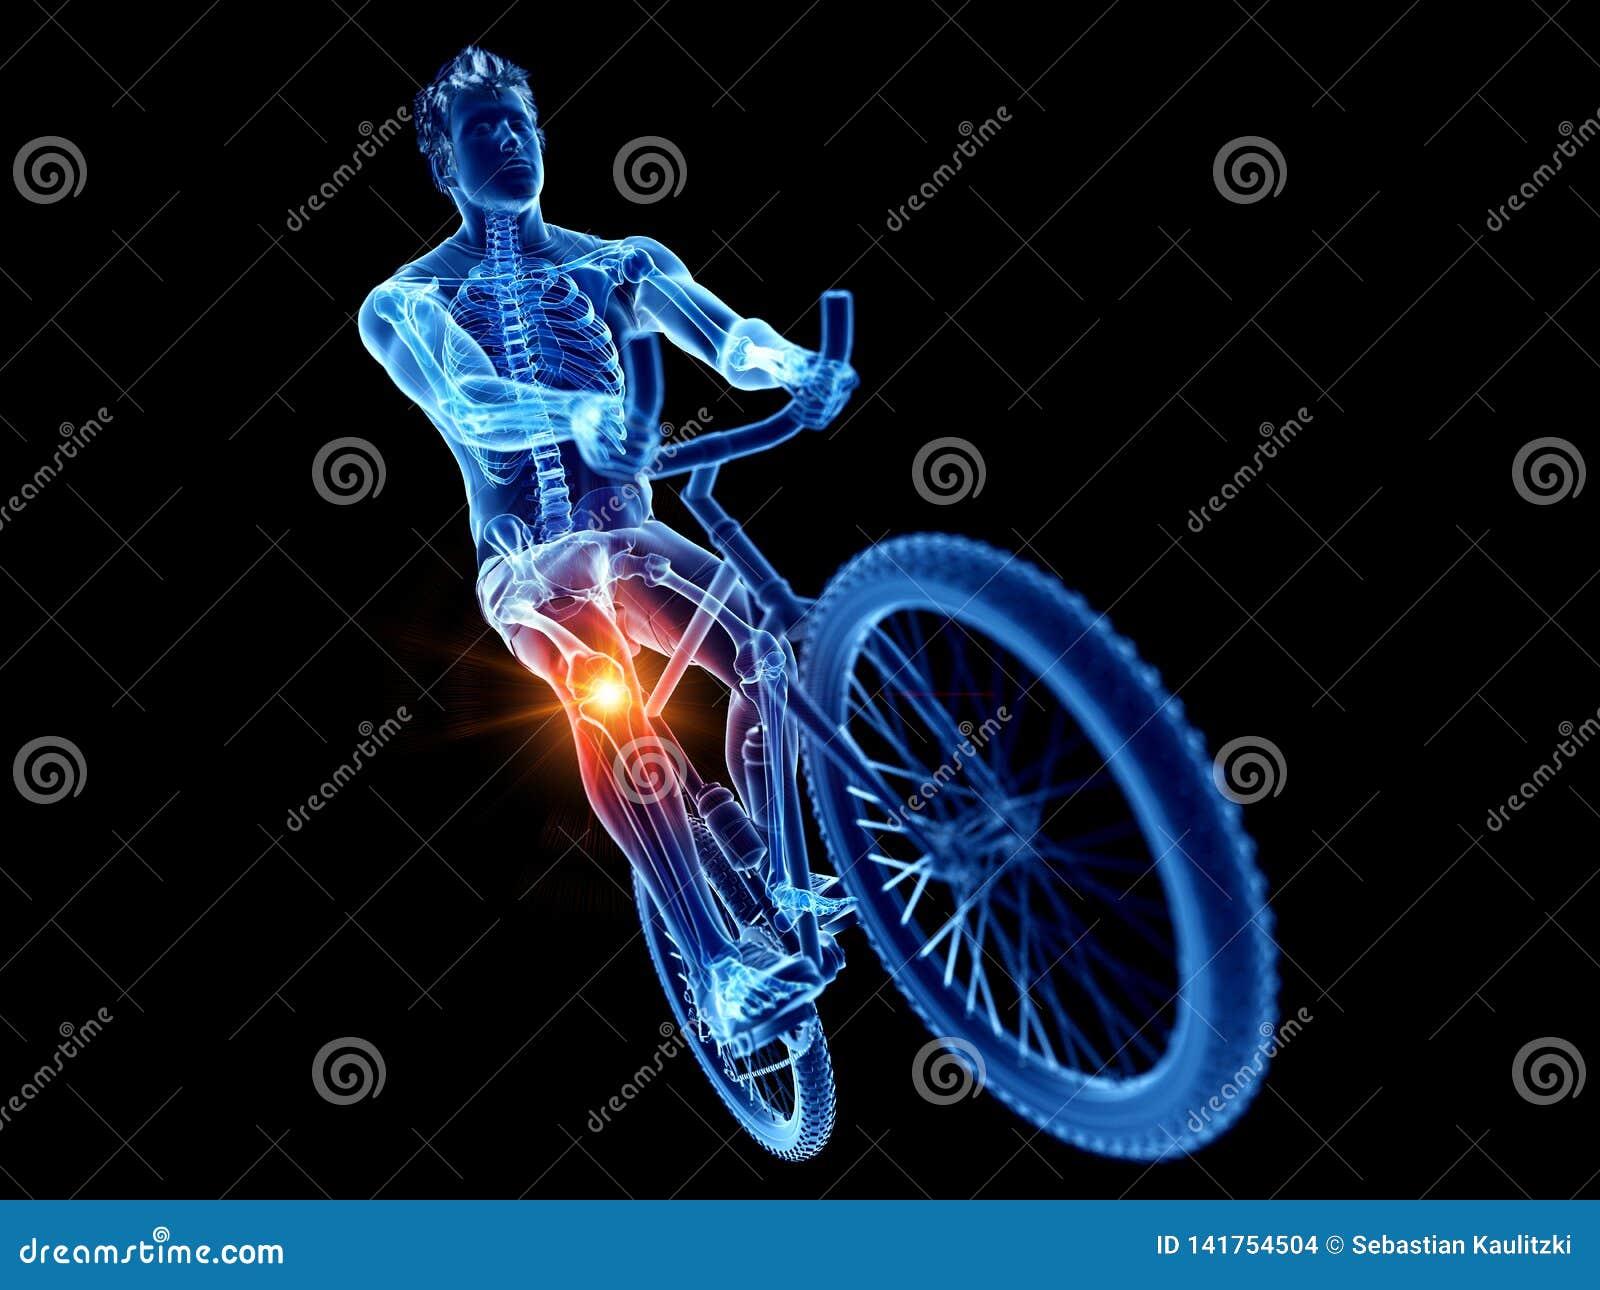 a cyclists painful knee